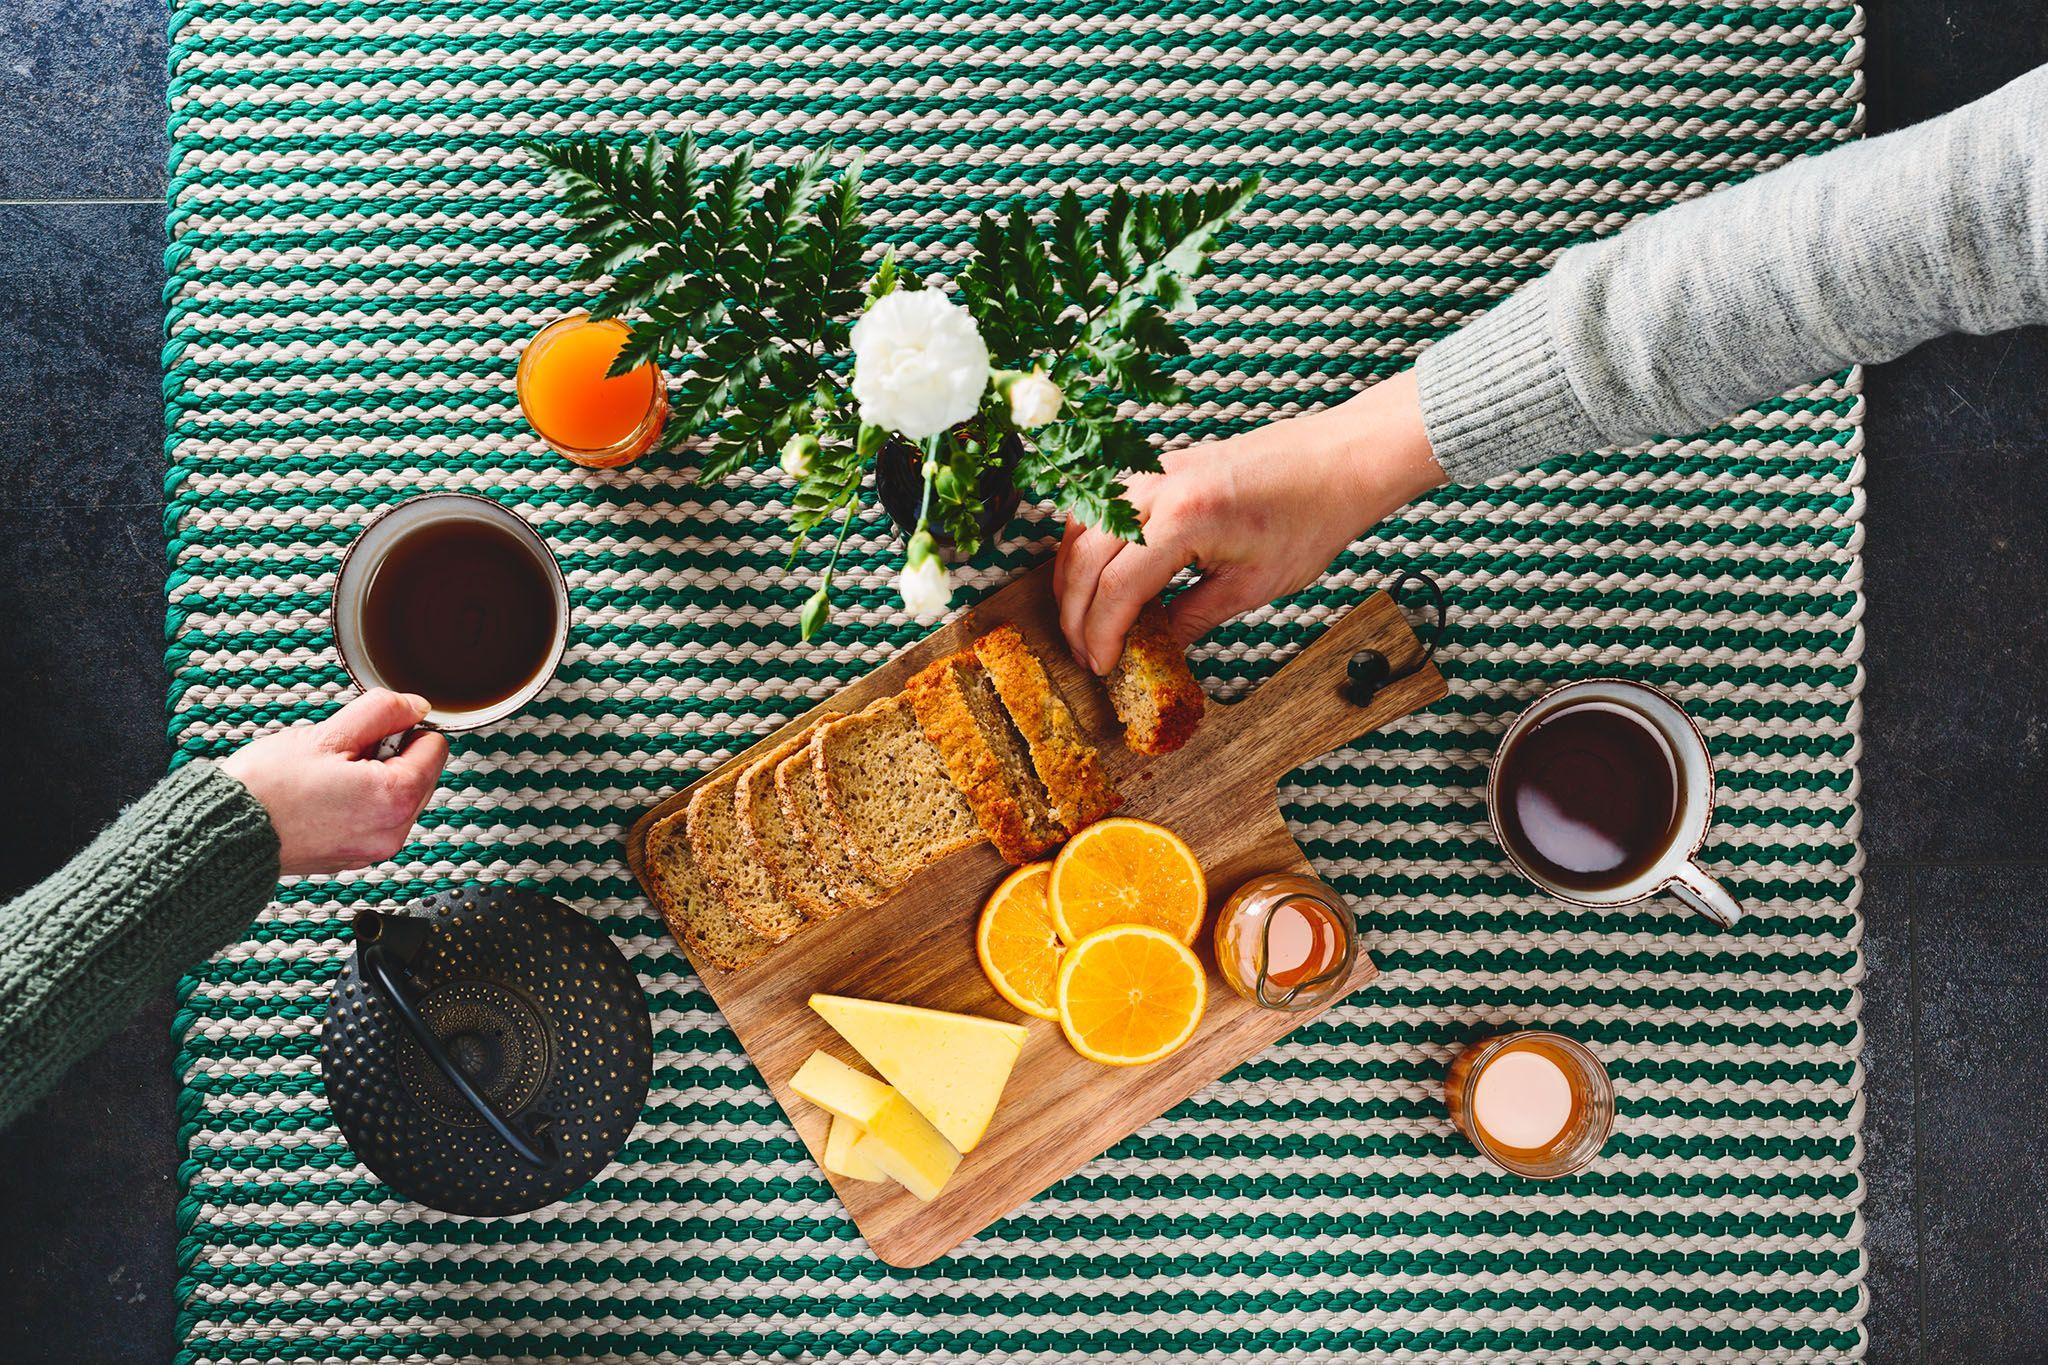 Beige-vihreä Kyyhky-matto sopii vaikka piknikille